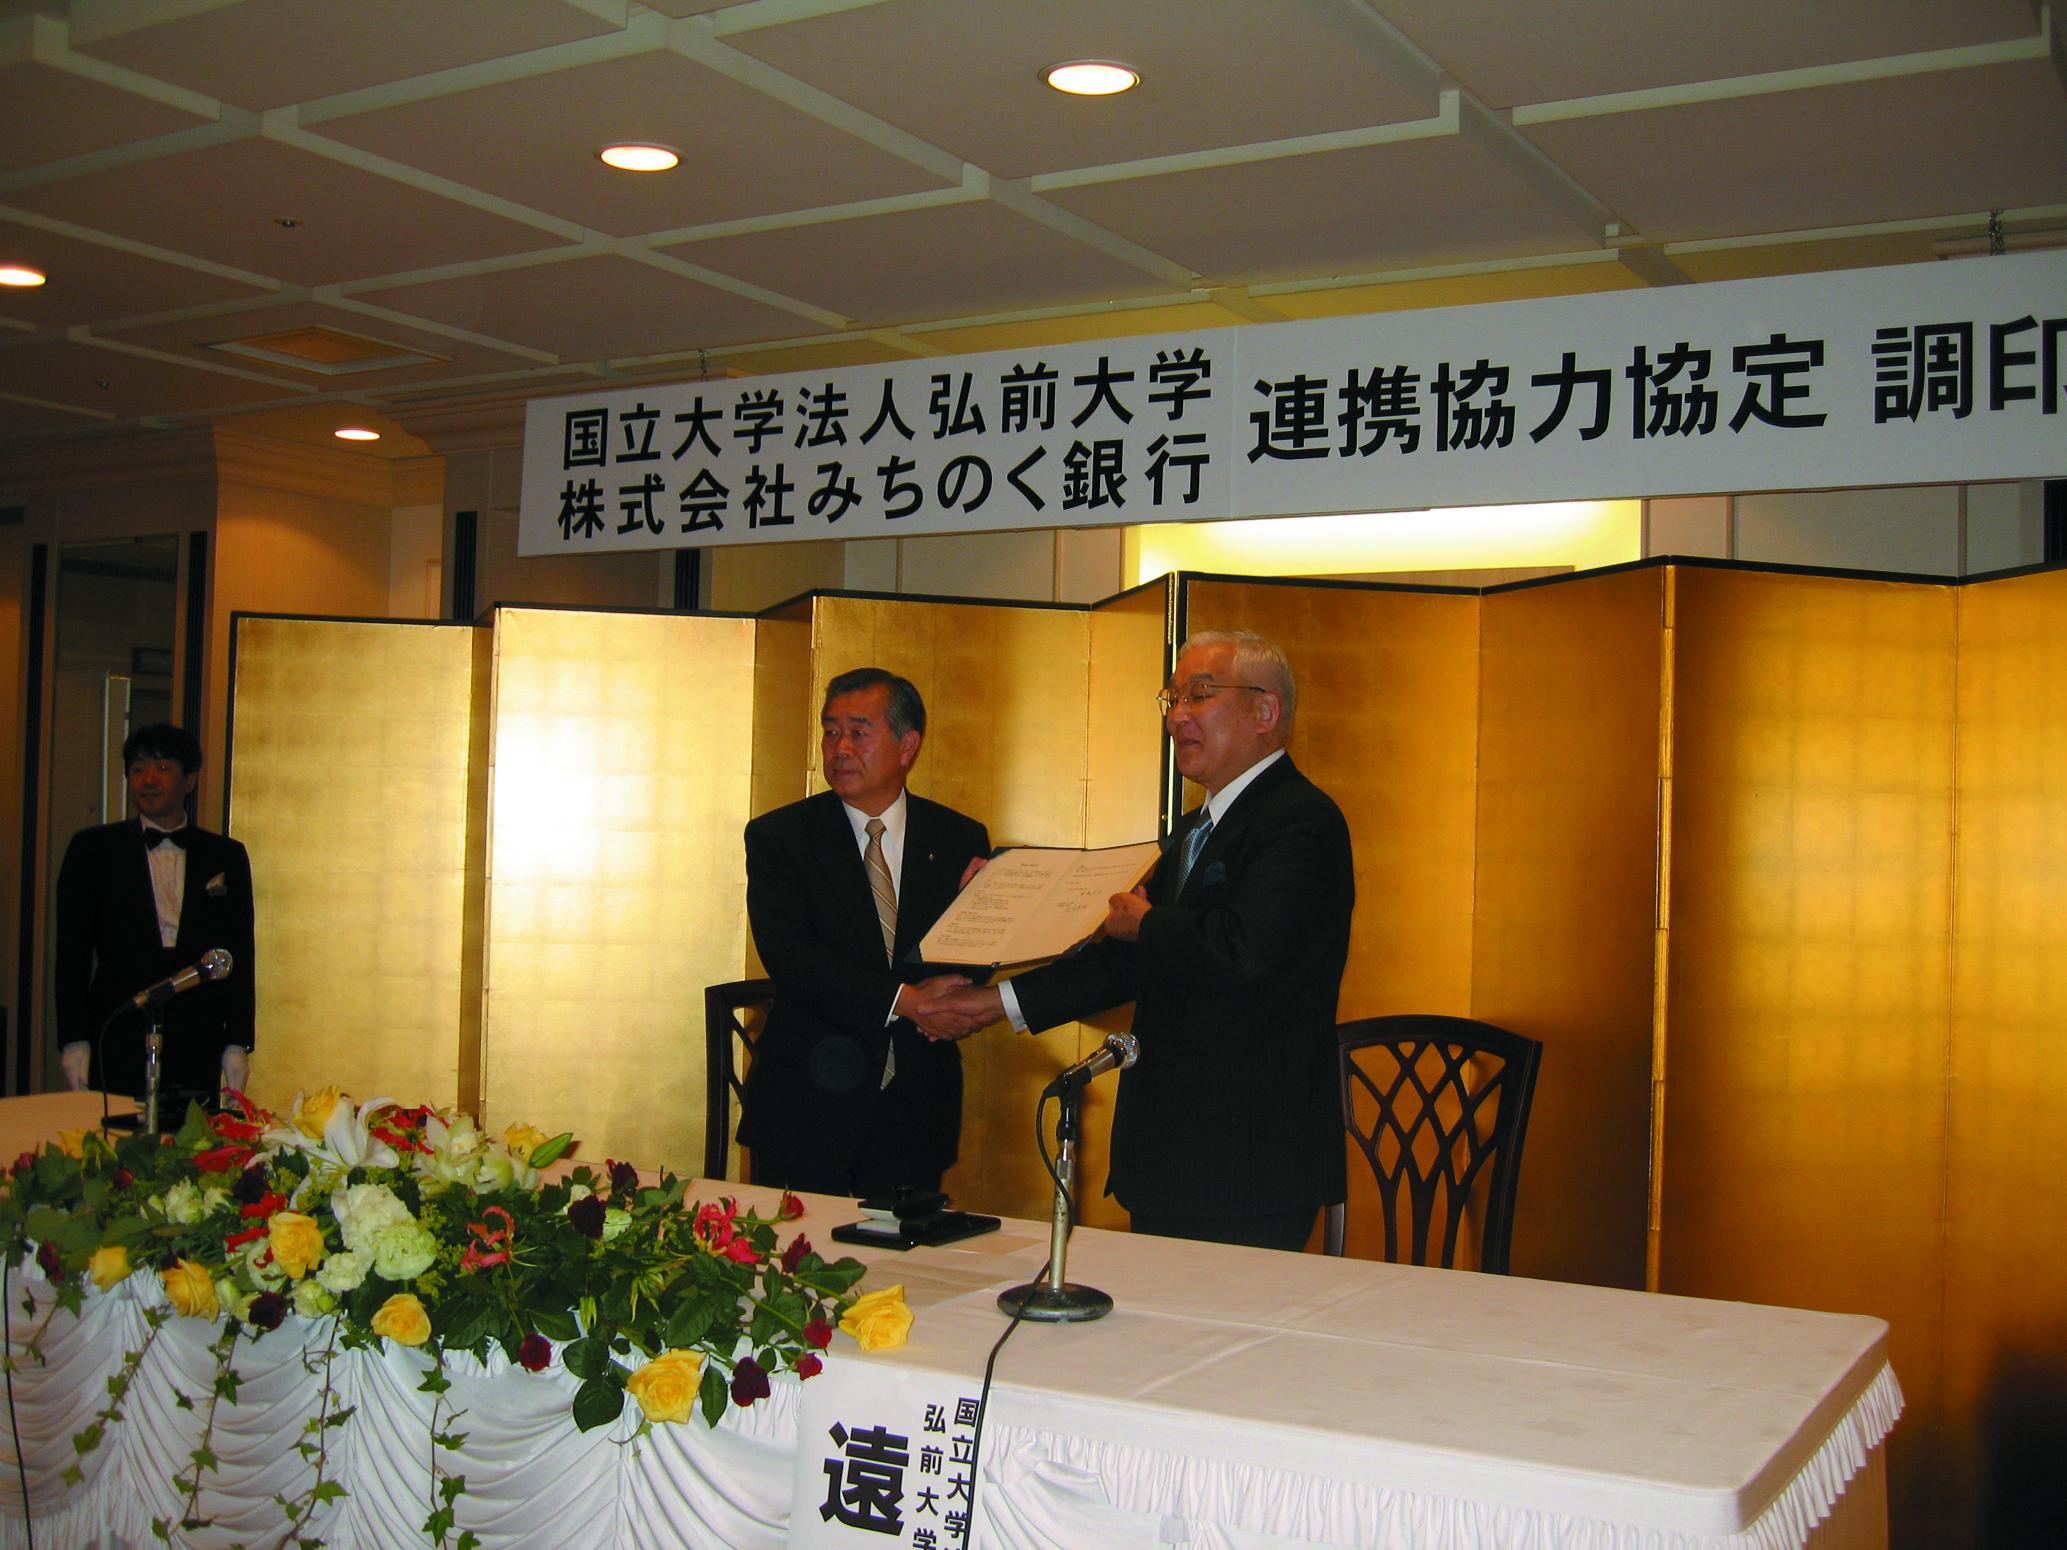 みちのく銀行との連携に関する協定を締結(平成19年6月25日)